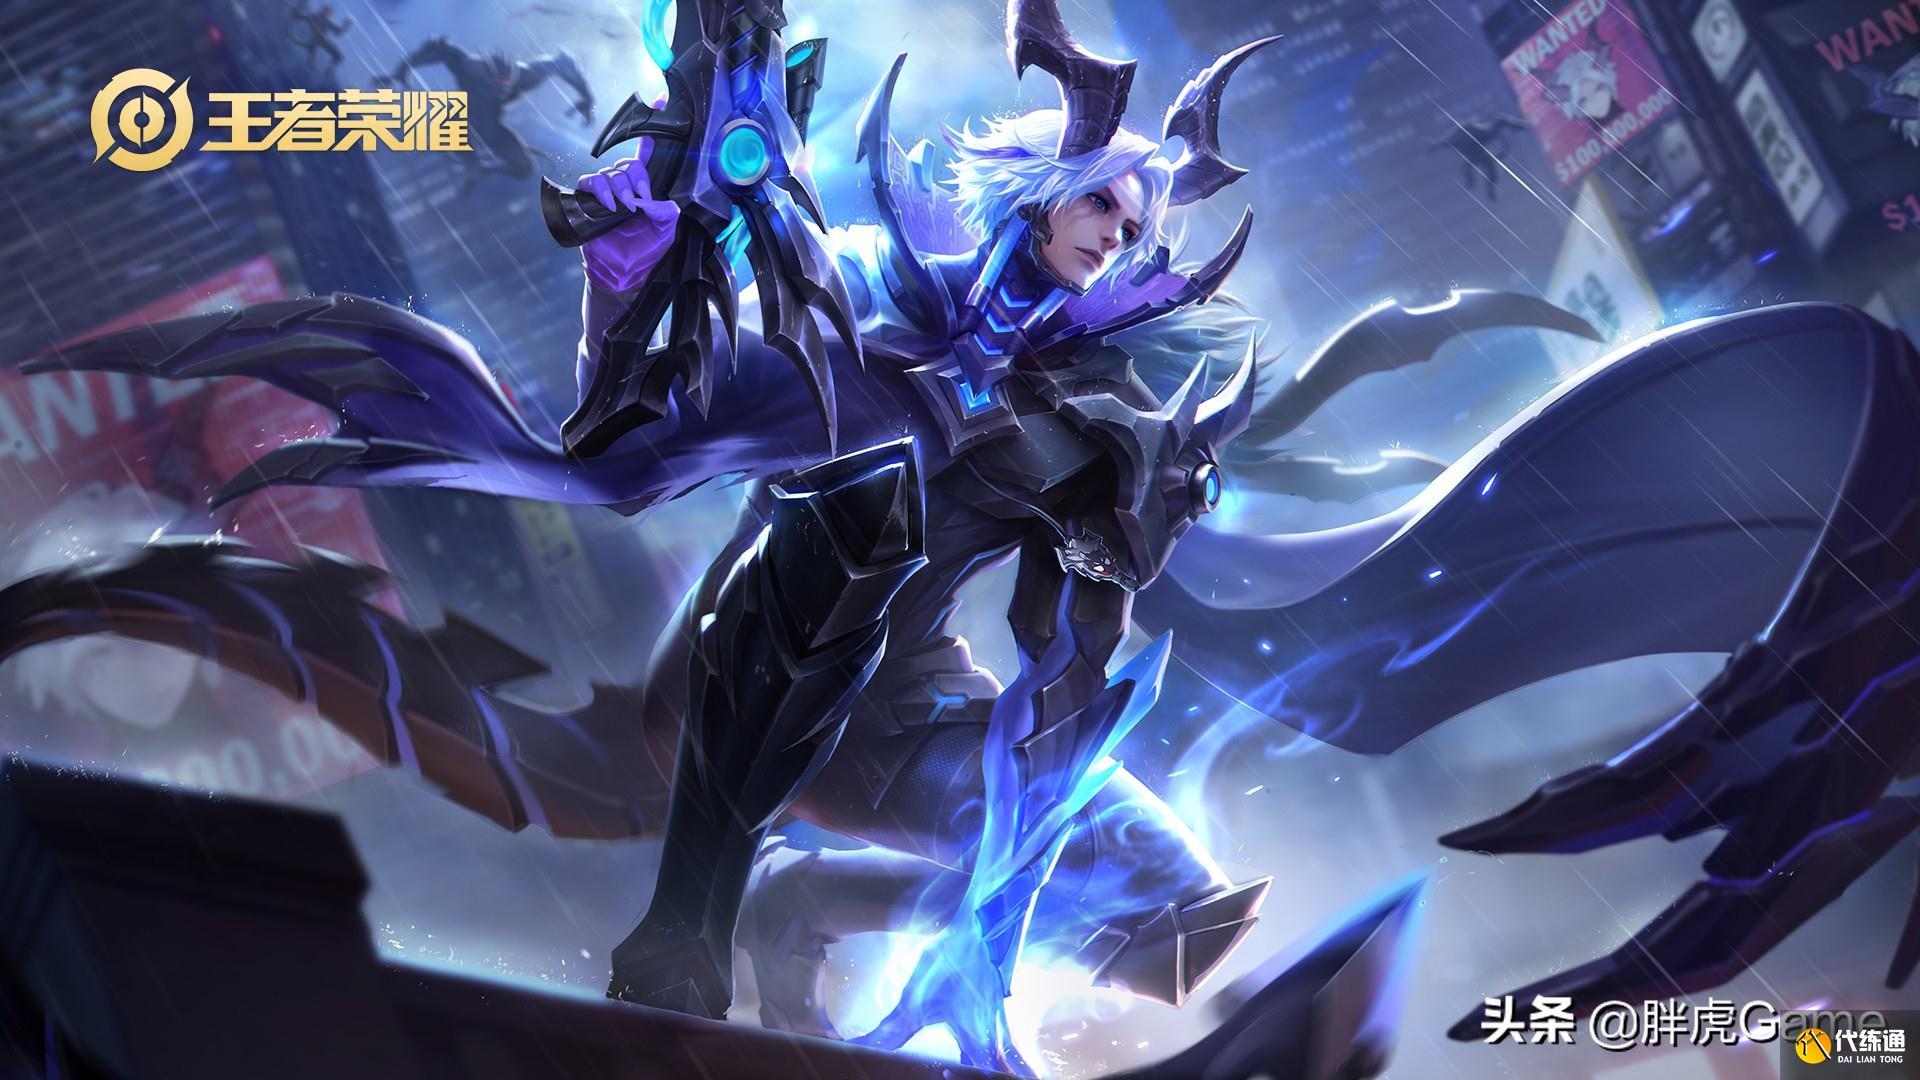 王者榮耀:藍條徹底成擺設?新英雄全是能量條,老英雄比法師還慘